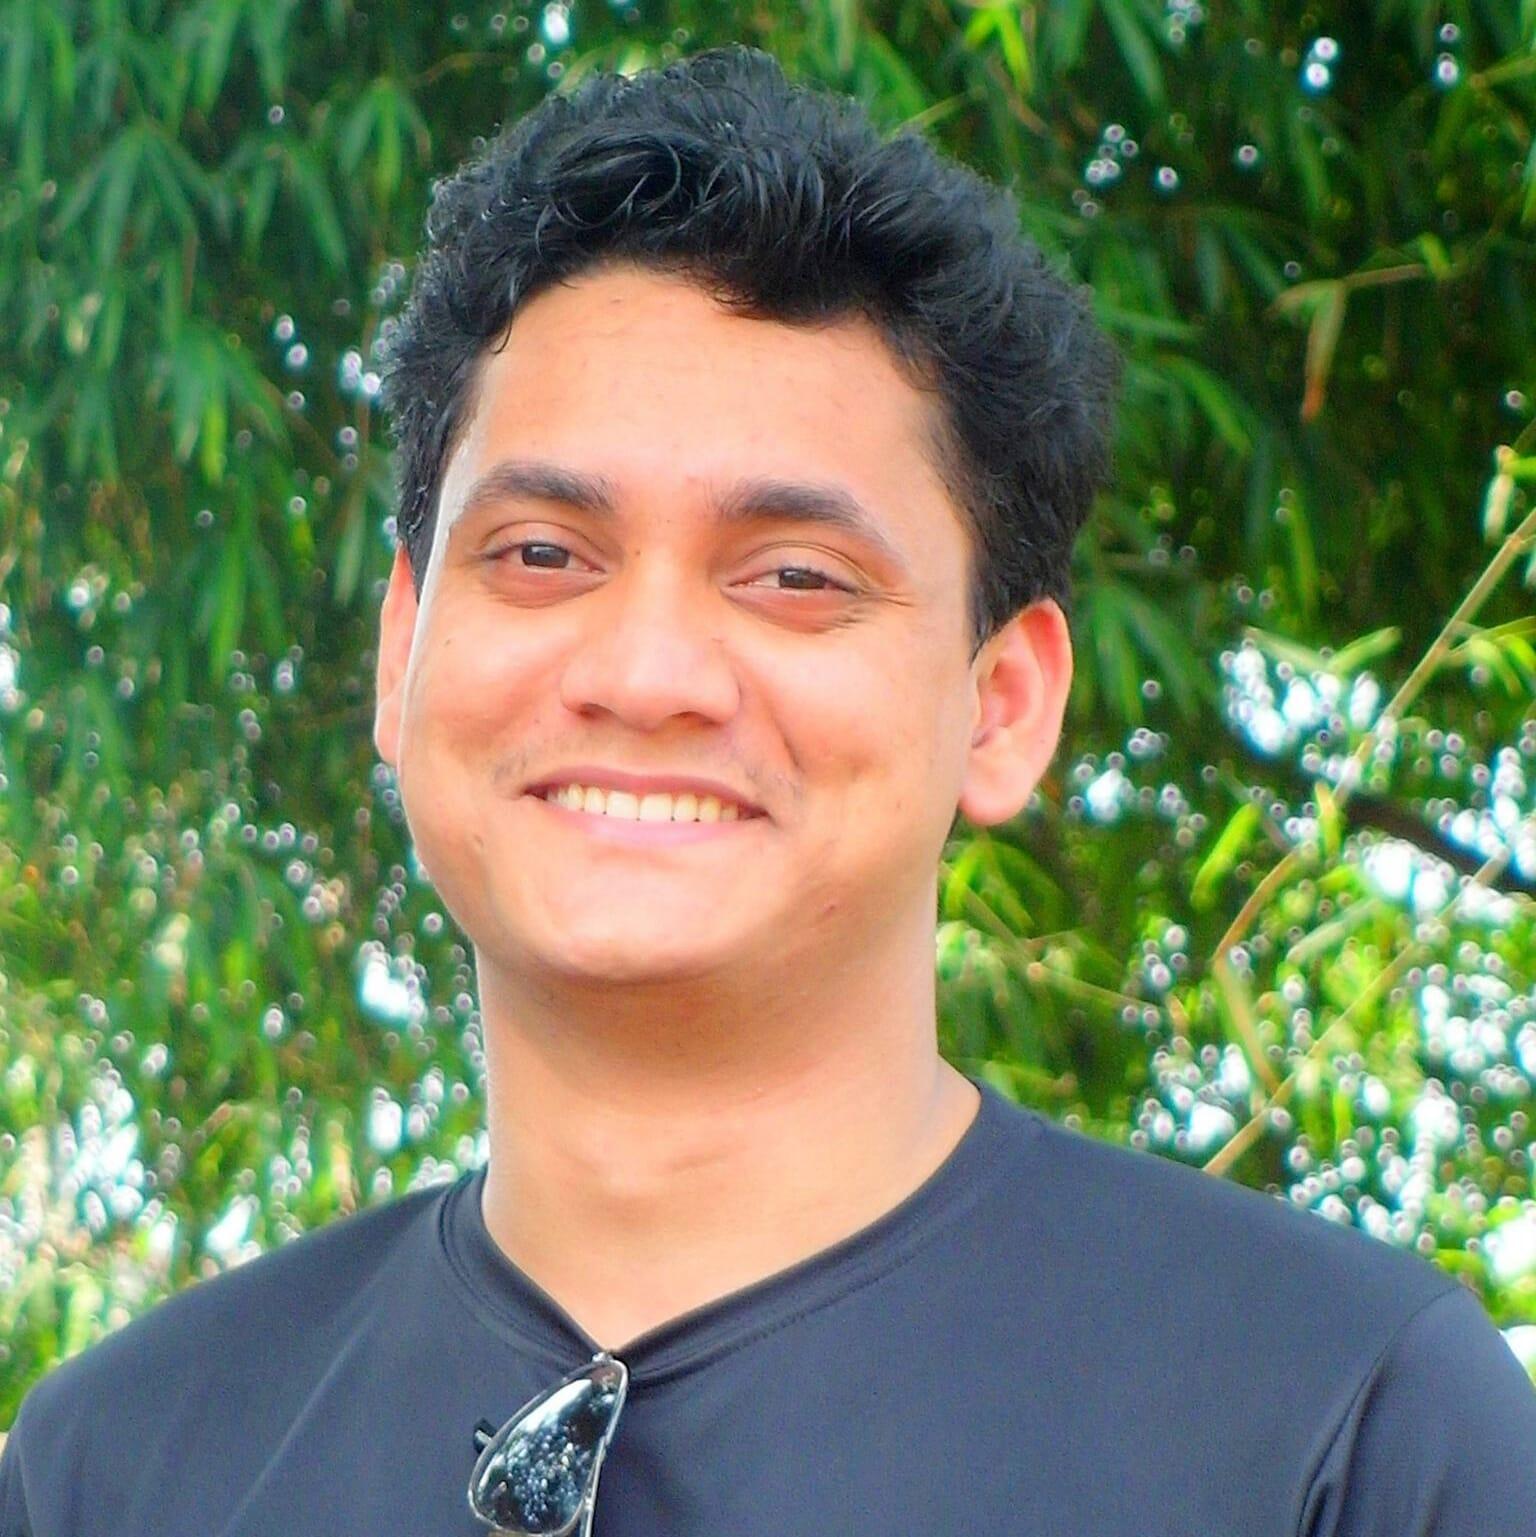 Rahmat Ullah Maruf